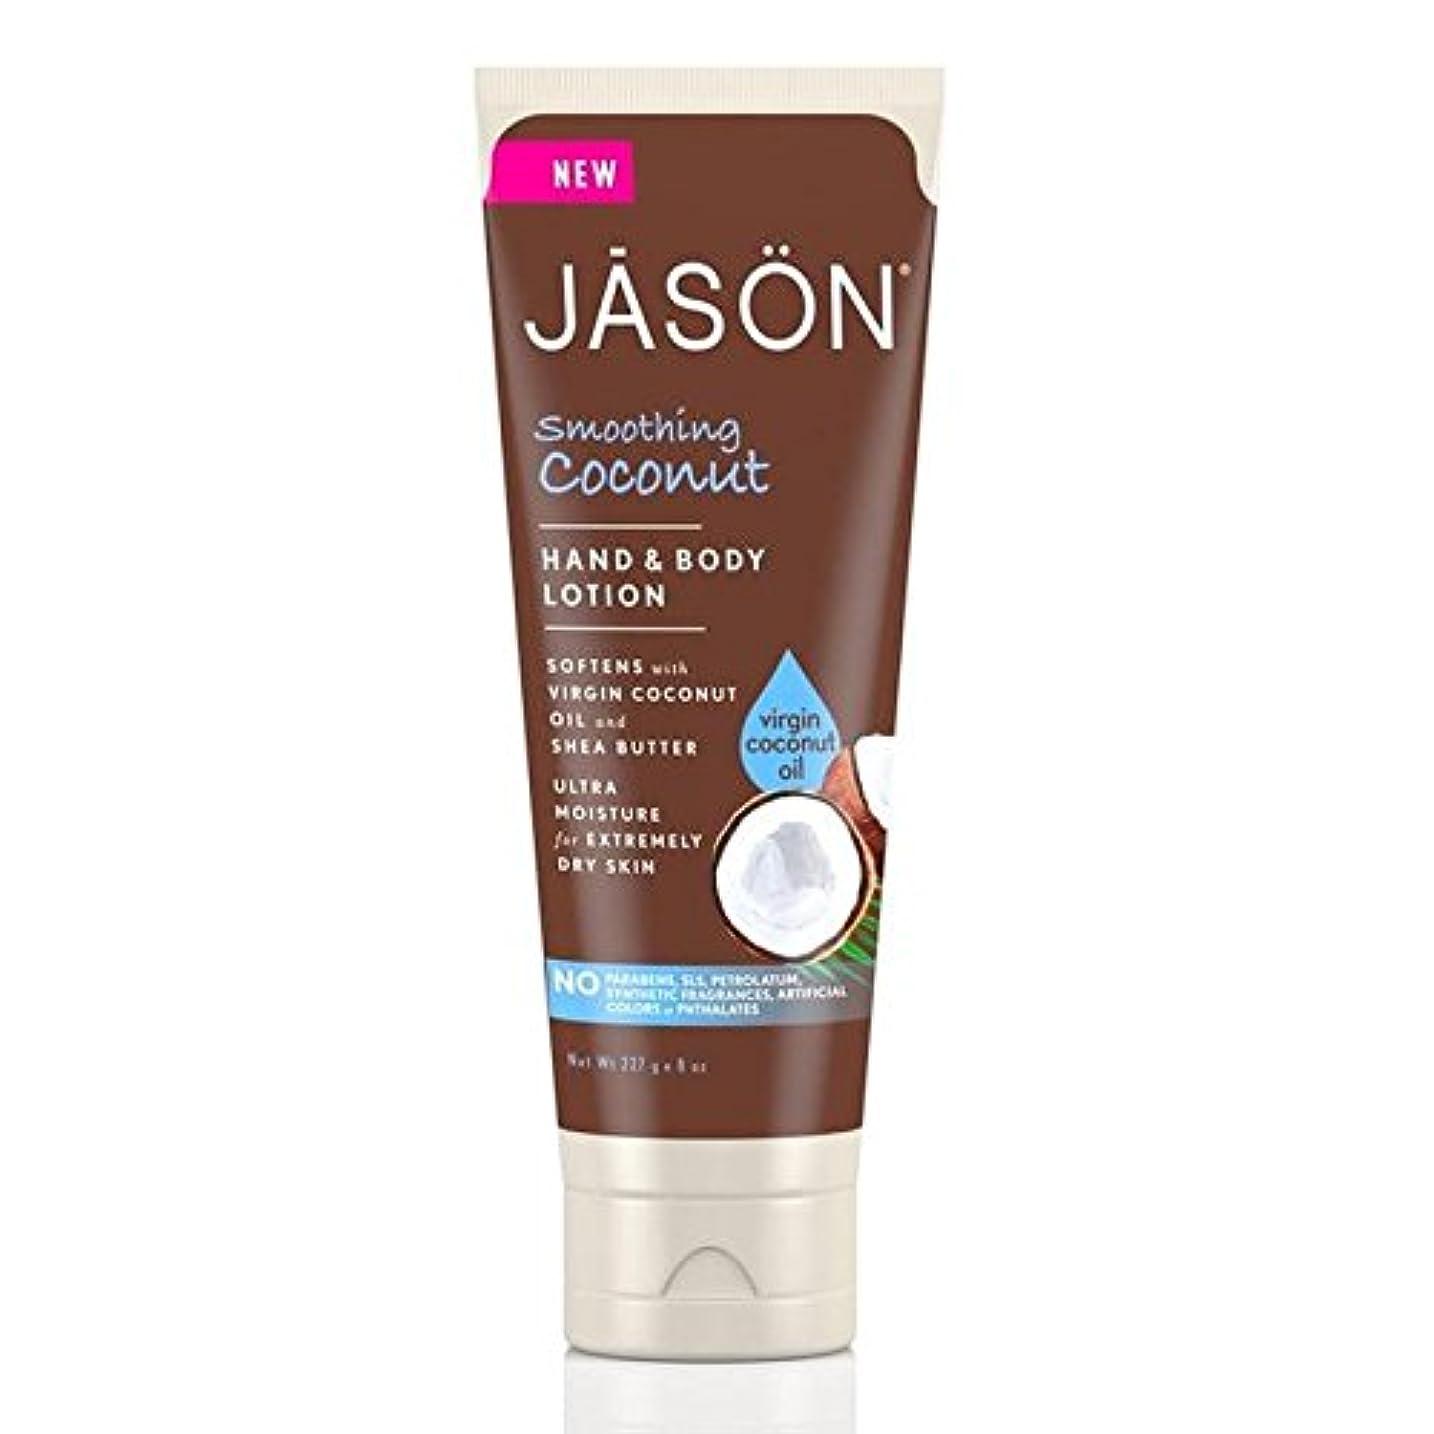 ソーシャル服同じJason Coconut Hand & Body Lotion 227g (Pack of 6) - ジェイソン?ココナッツハンド&ボディローション227グラム x6 [並行輸入品]